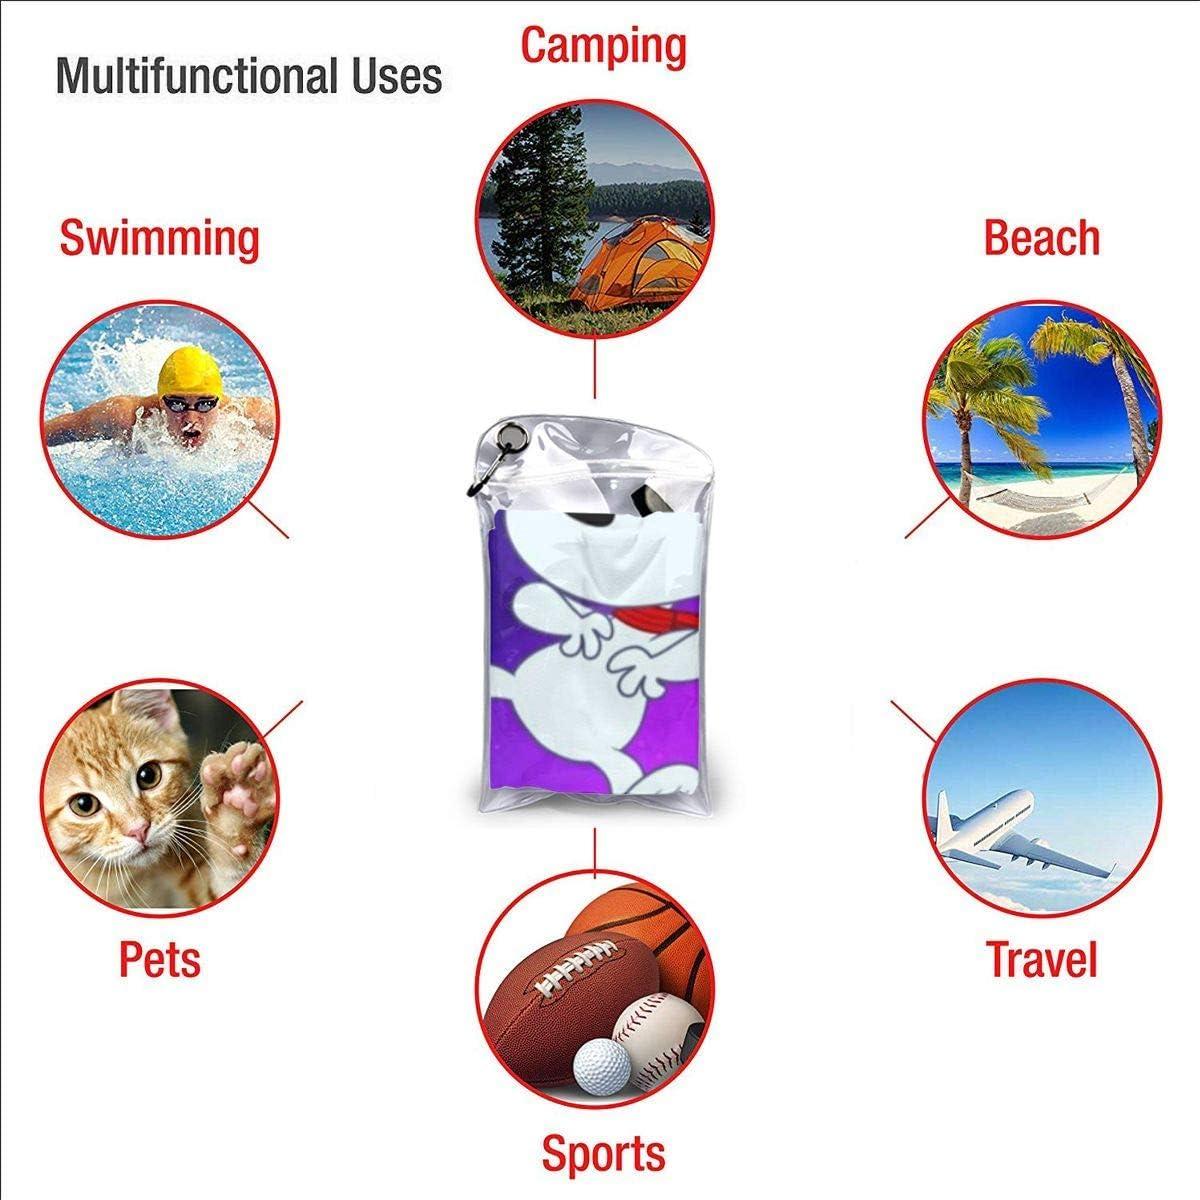 Mikrofaser Flauschiges Strandtuch Kann als Yoga-Ausflug Camping Gym Strandfahrrad Handtuch Strandstuhl Wolle Schnelltrocknende Handt/ücher verwendet werden Snoopy in Space Schnelltrocknendes Badetuch